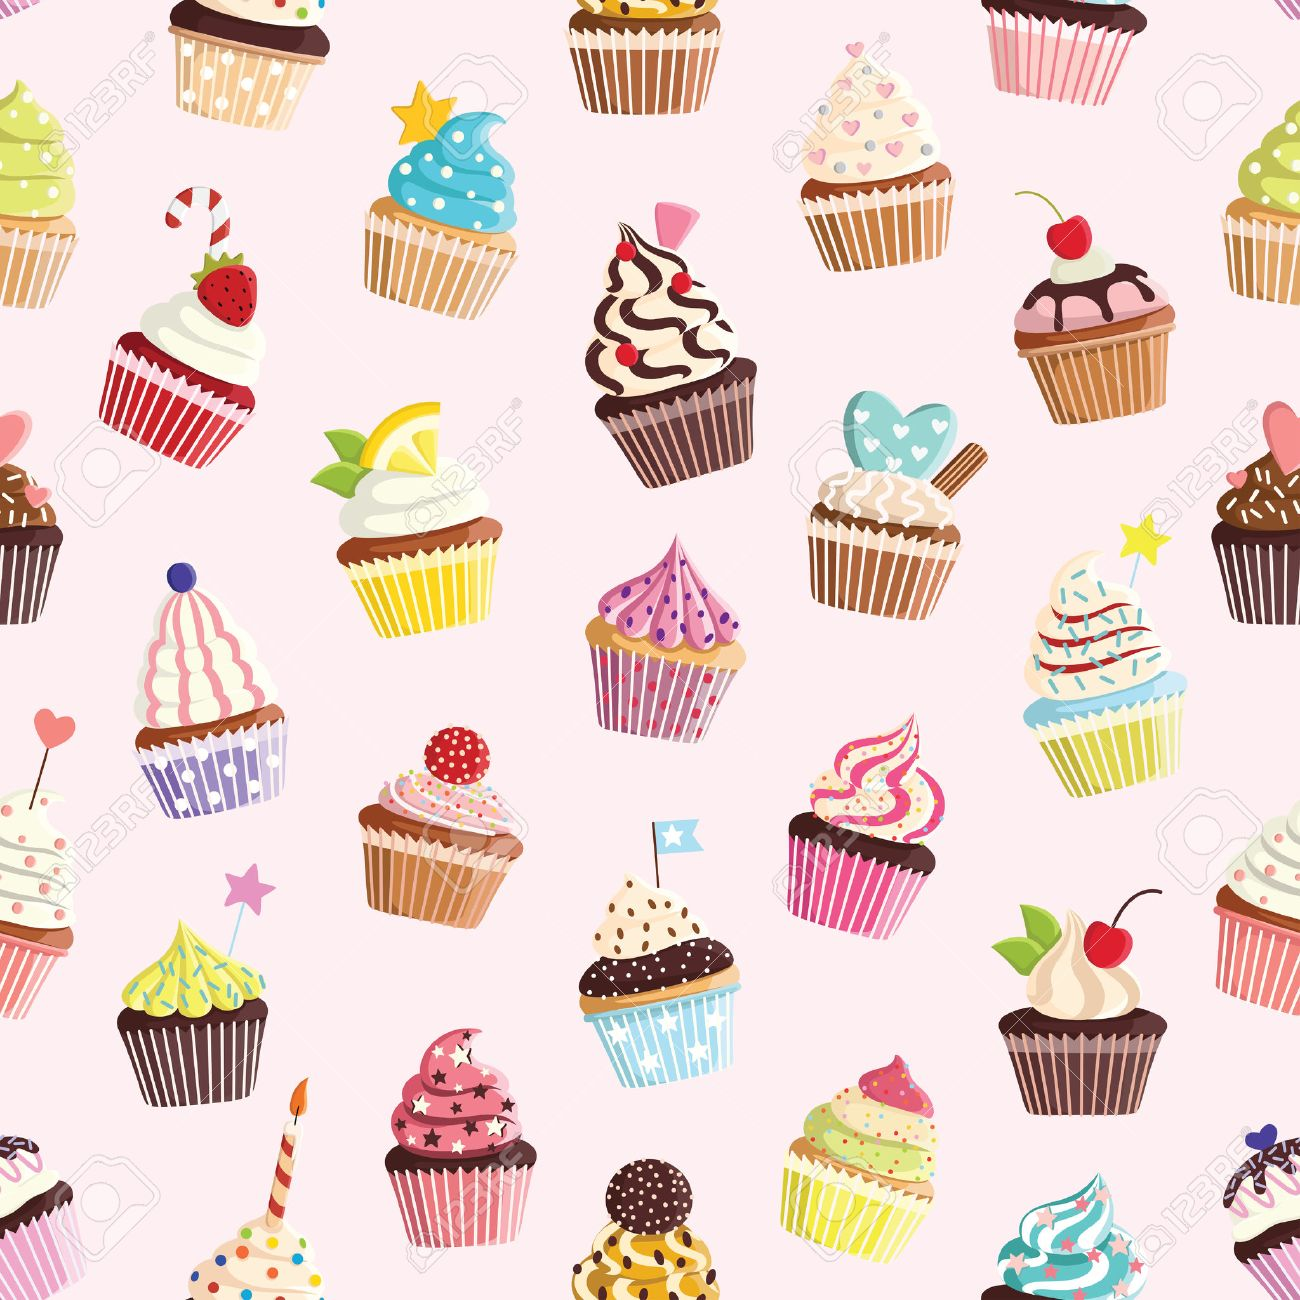 かわいいカラフルなカップケーキとパターン テキスタイル カード 装飾品 壁紙ののイラスト素材 ベクタ Image